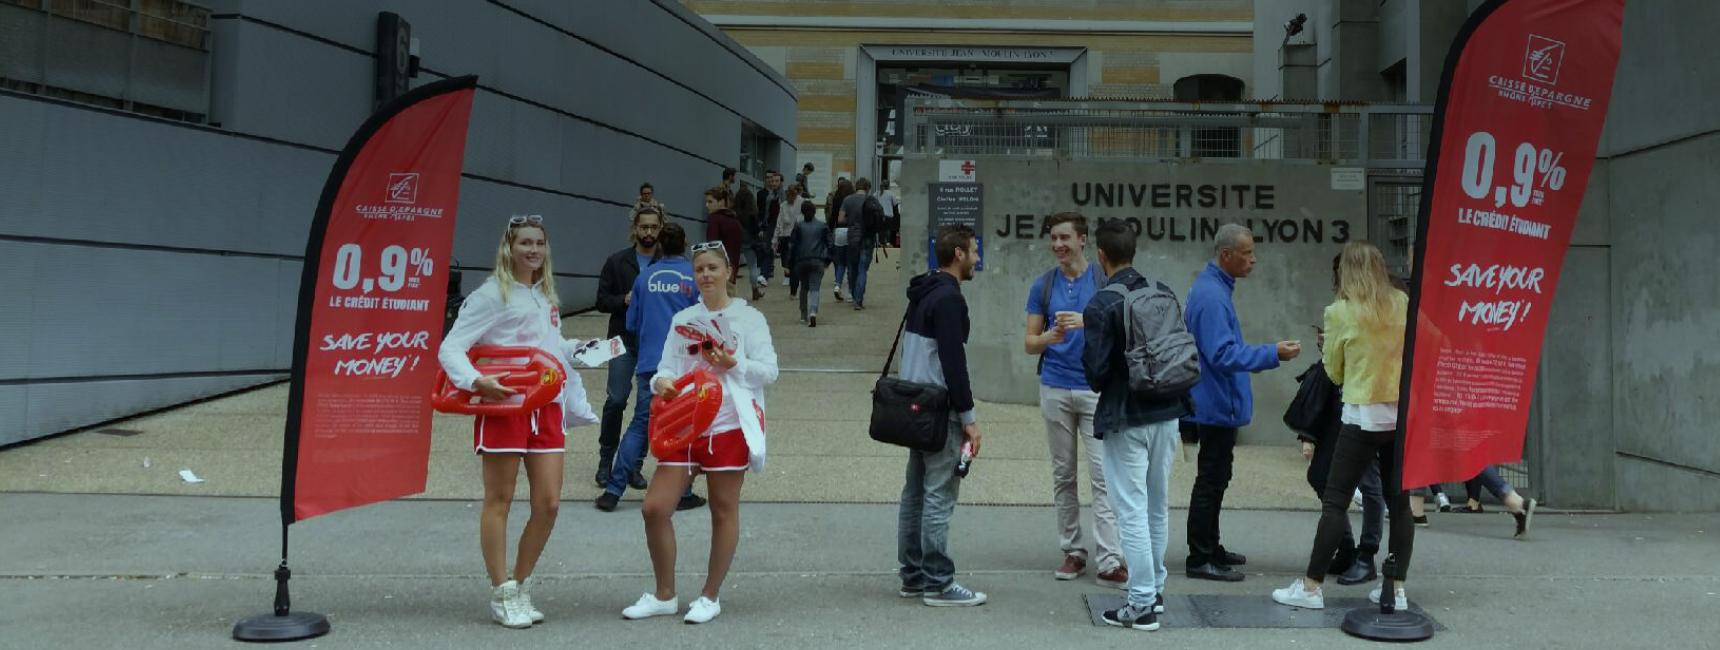 Campus Media, communiquez aupres des etudiants - Keemia Tours Agence marketing local en région Centre Normandie